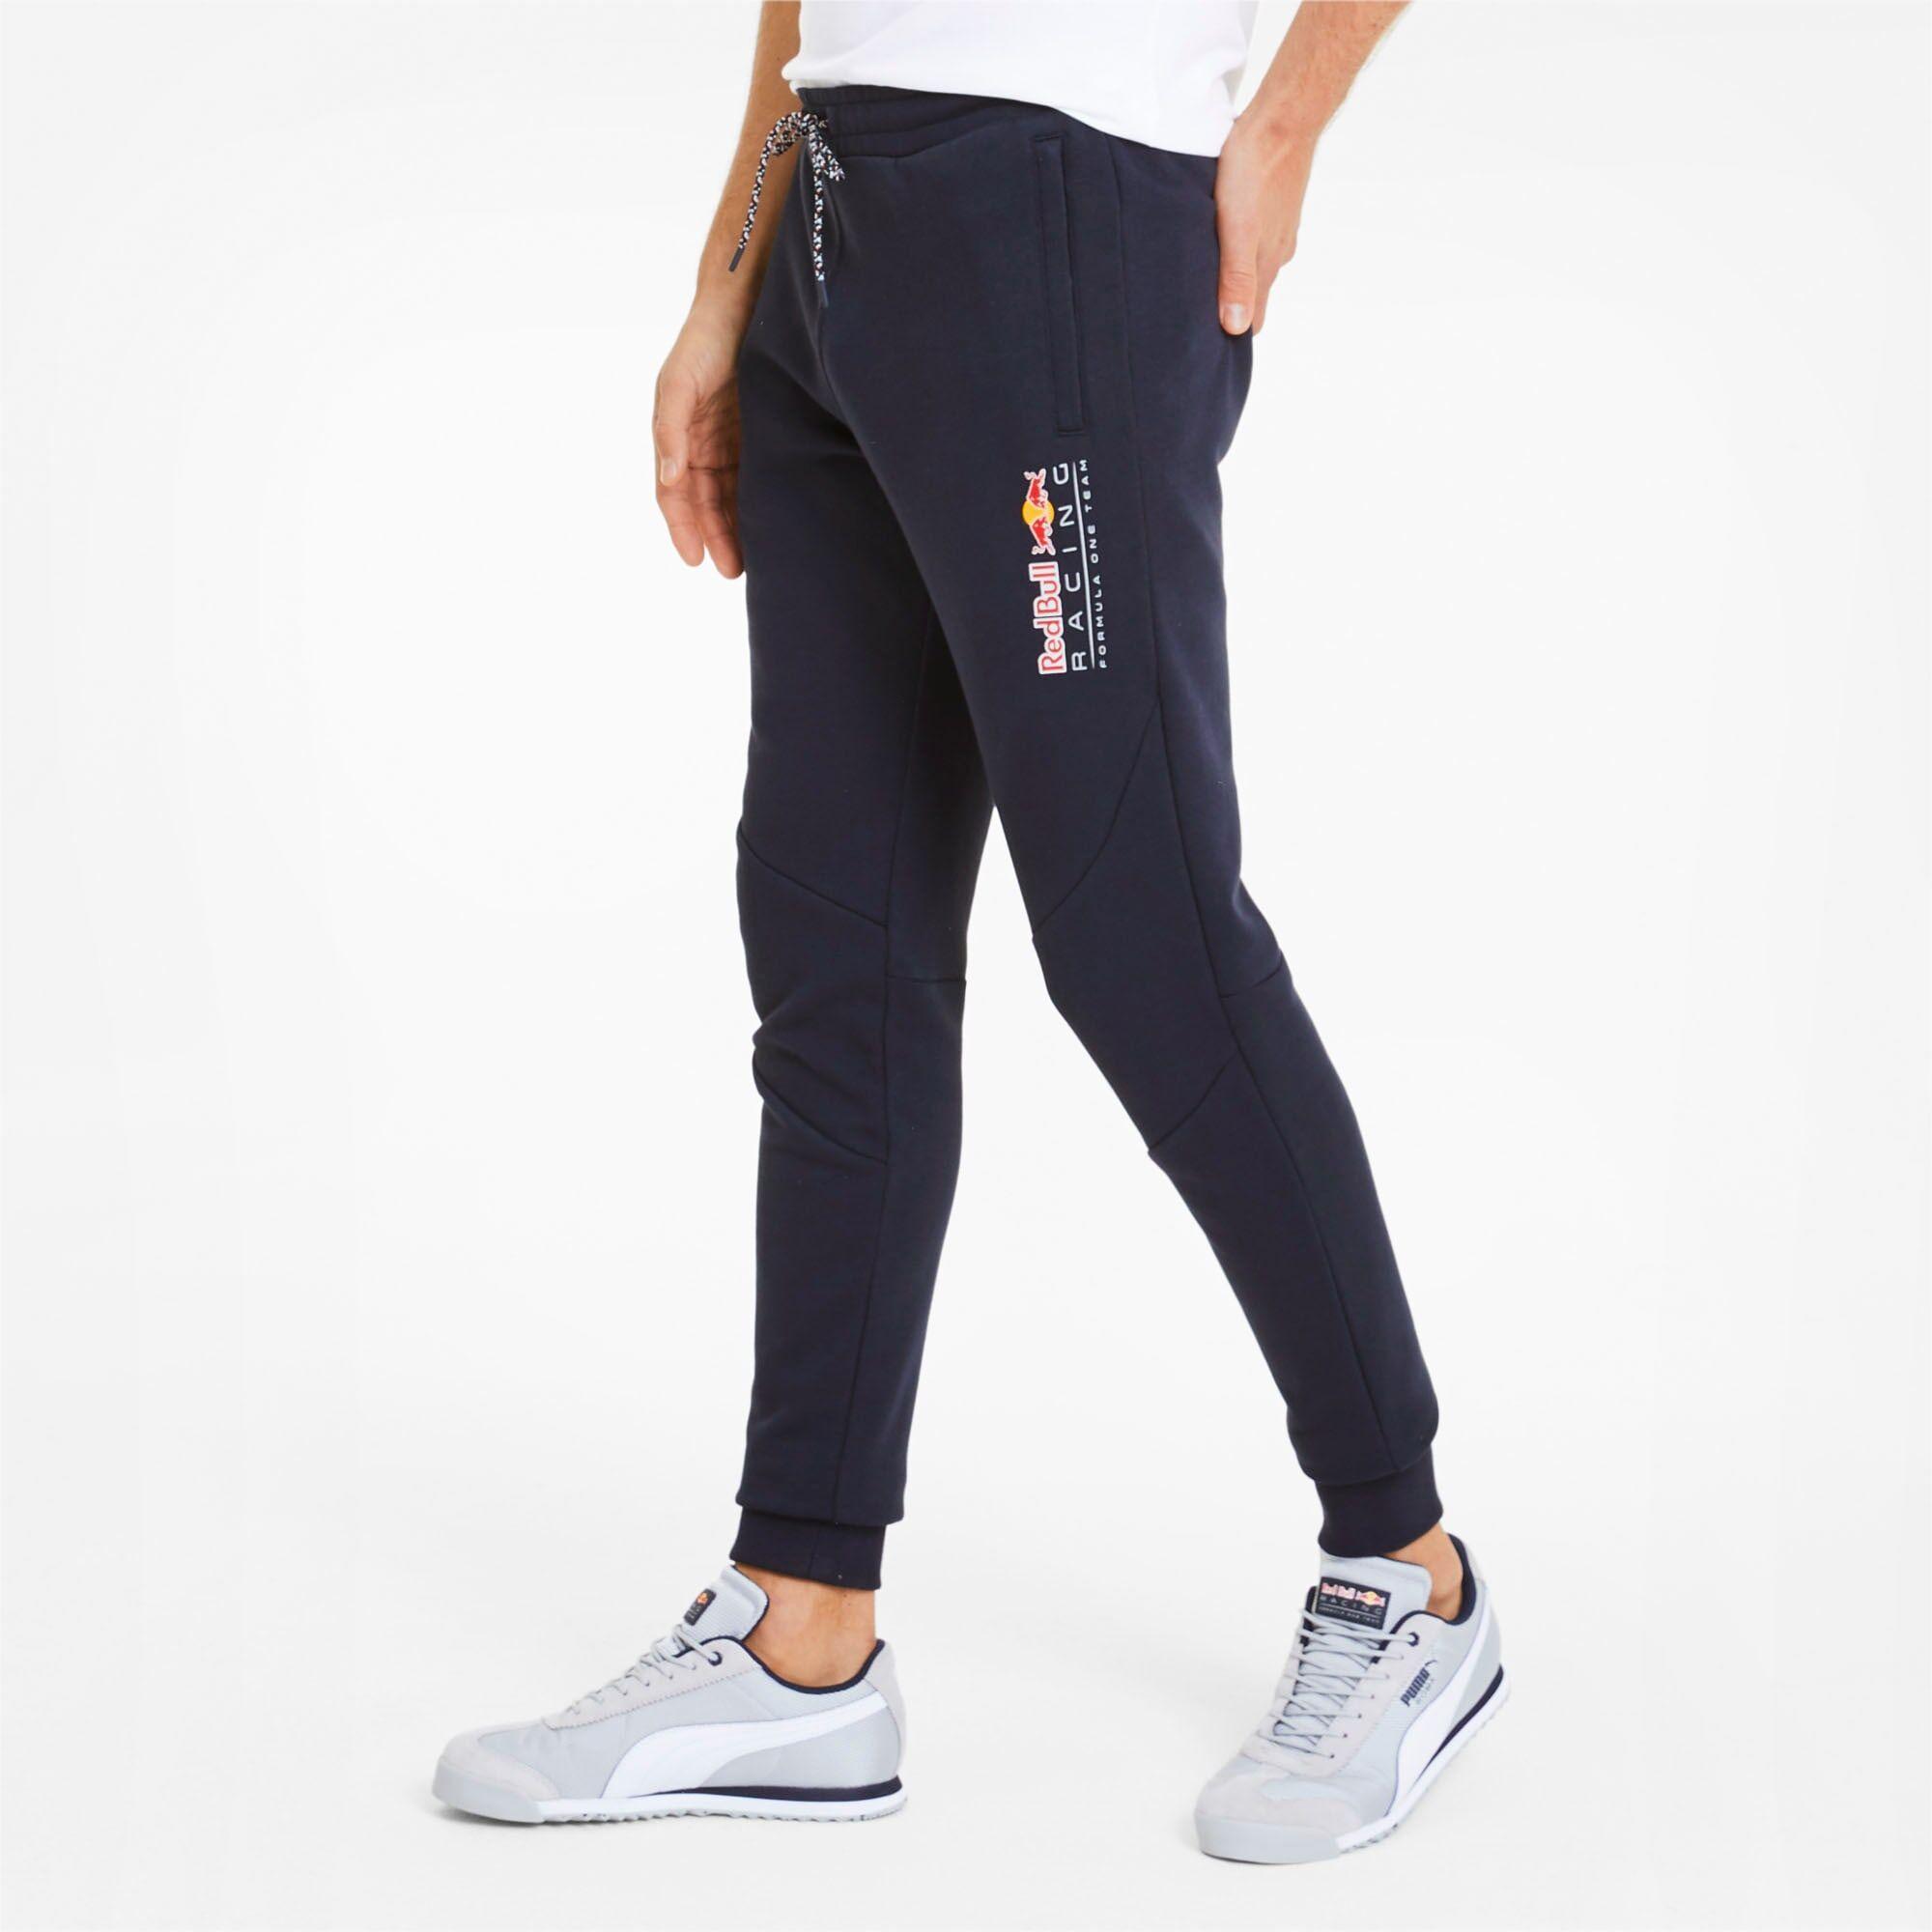 PUMA Pantalon en sweat Red Bull Racing pour Homme, Noir, Taille XL, Vêtements